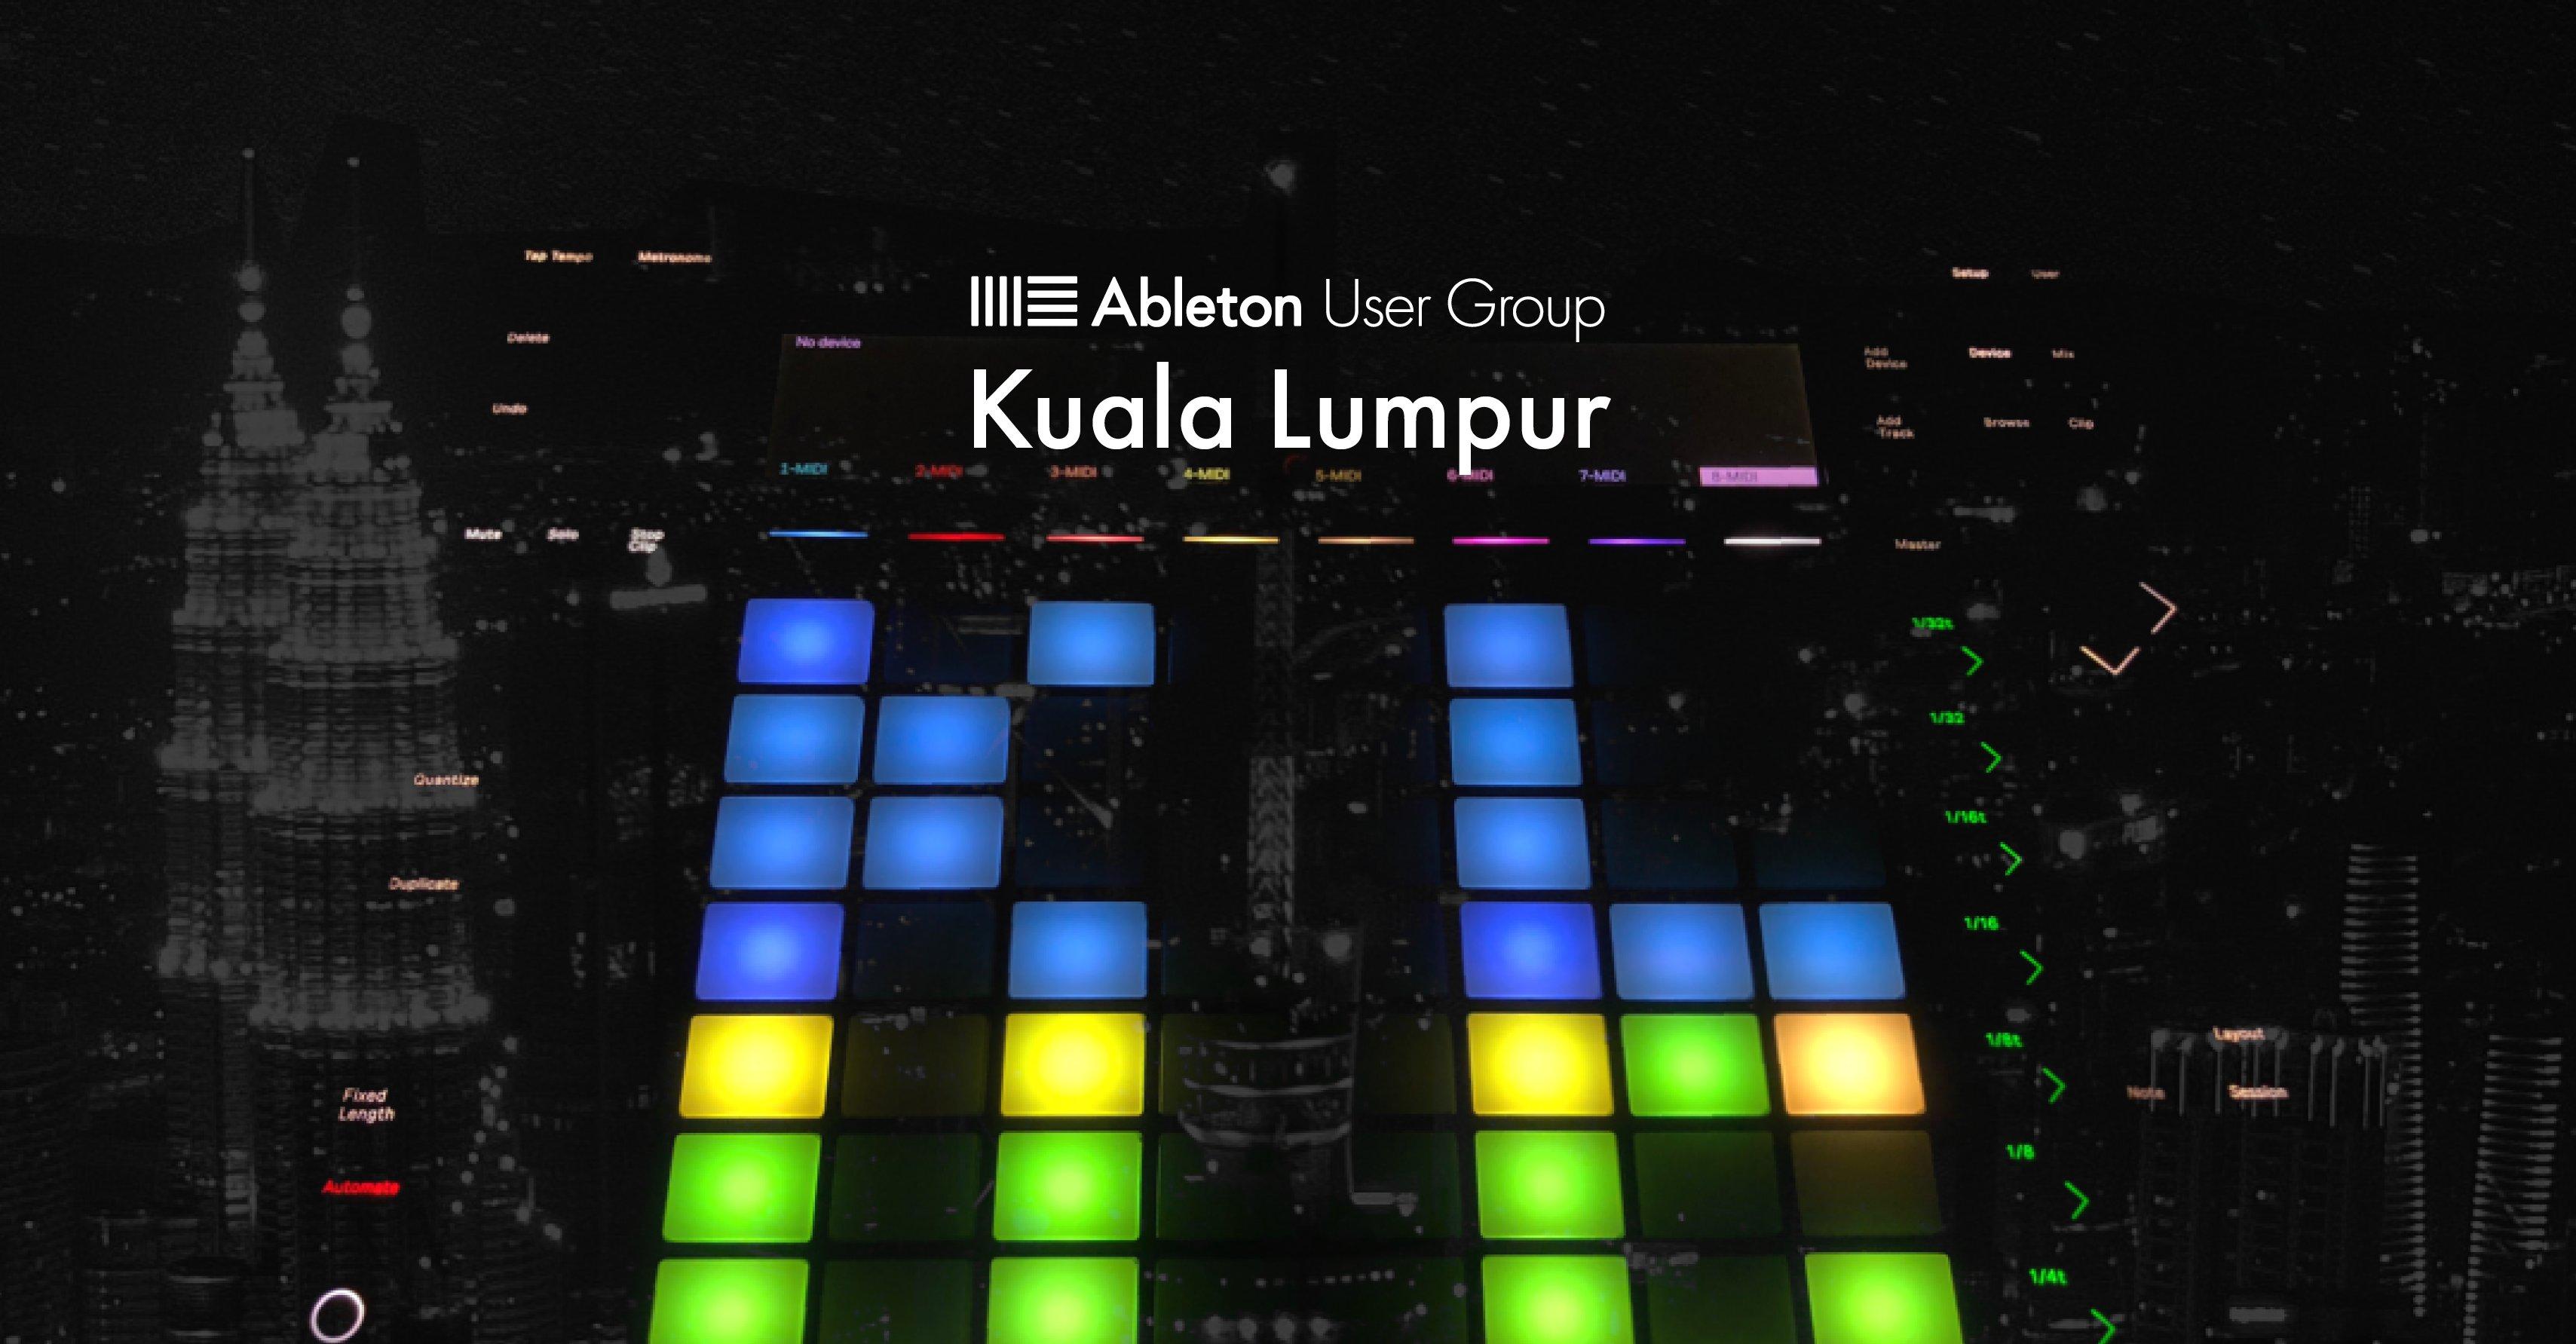 Kuala Lumpur UG Banner4.png